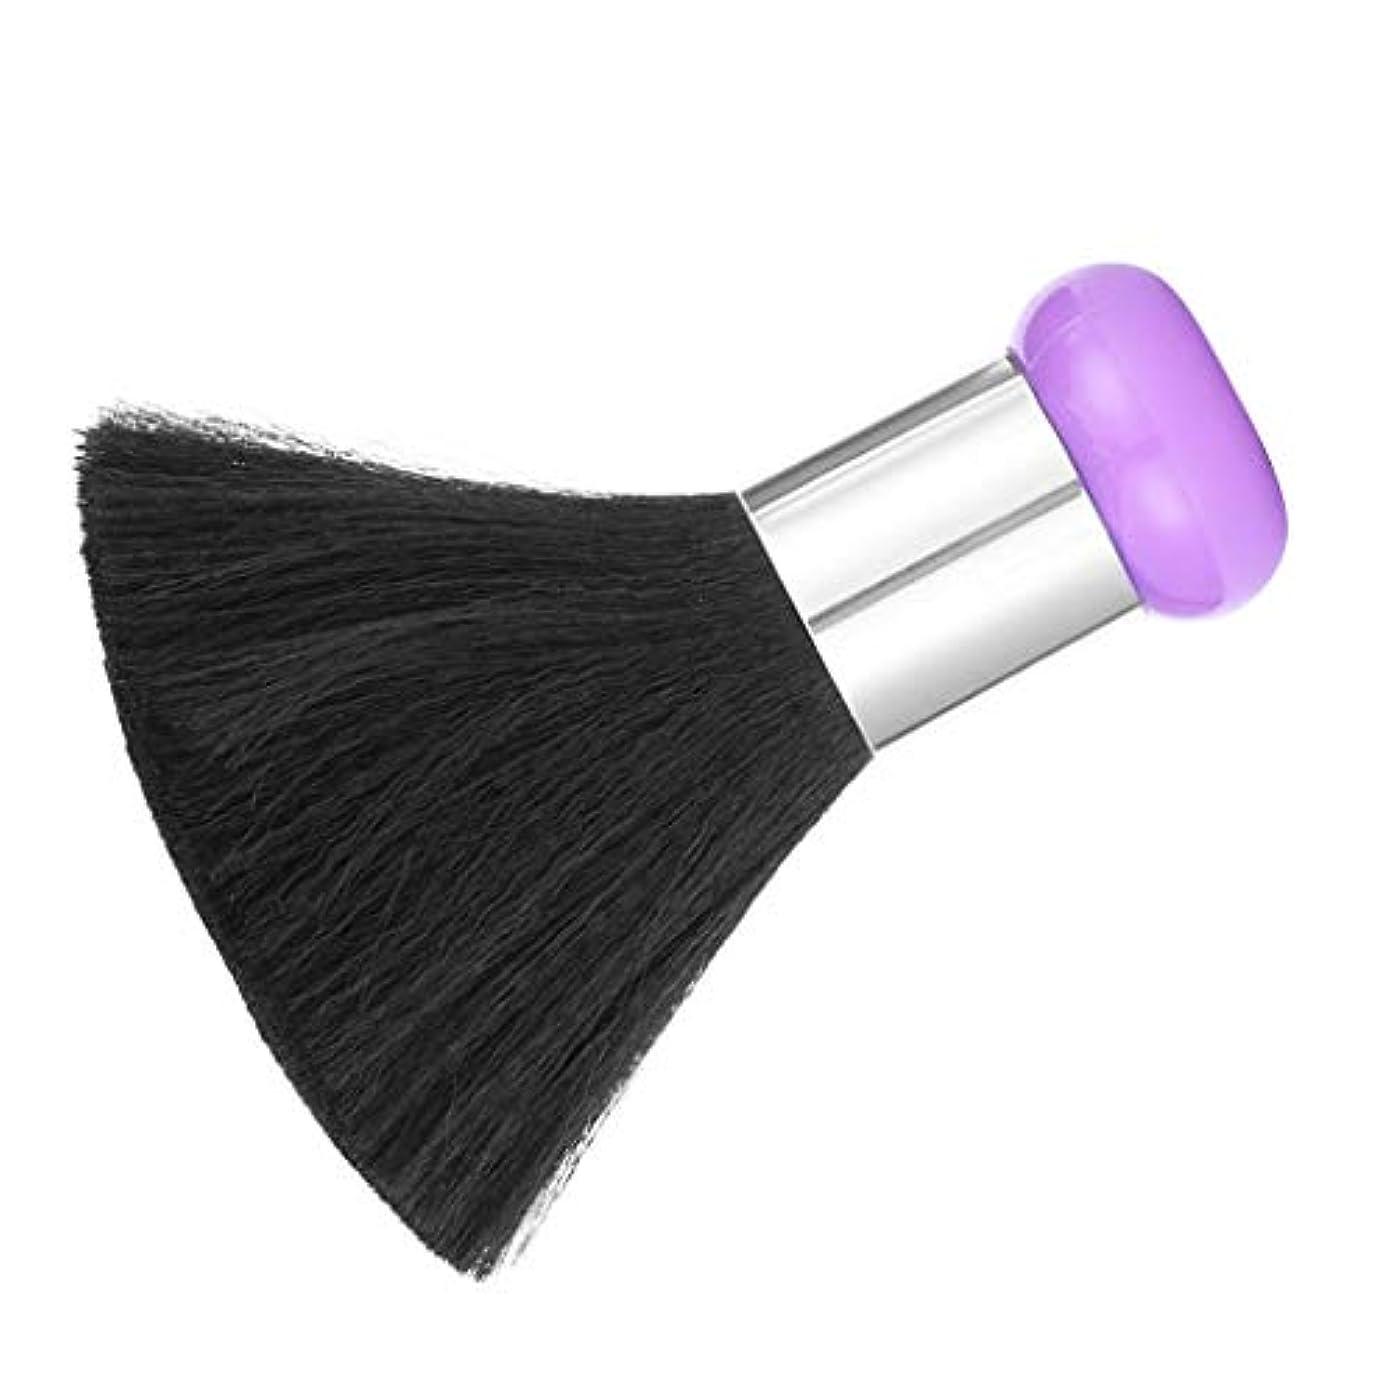 洪水気分が良い夢中ヘアカットヘアカットブラシネックダスタークリーニングヘアブラシサロンバーバーツール - 紫